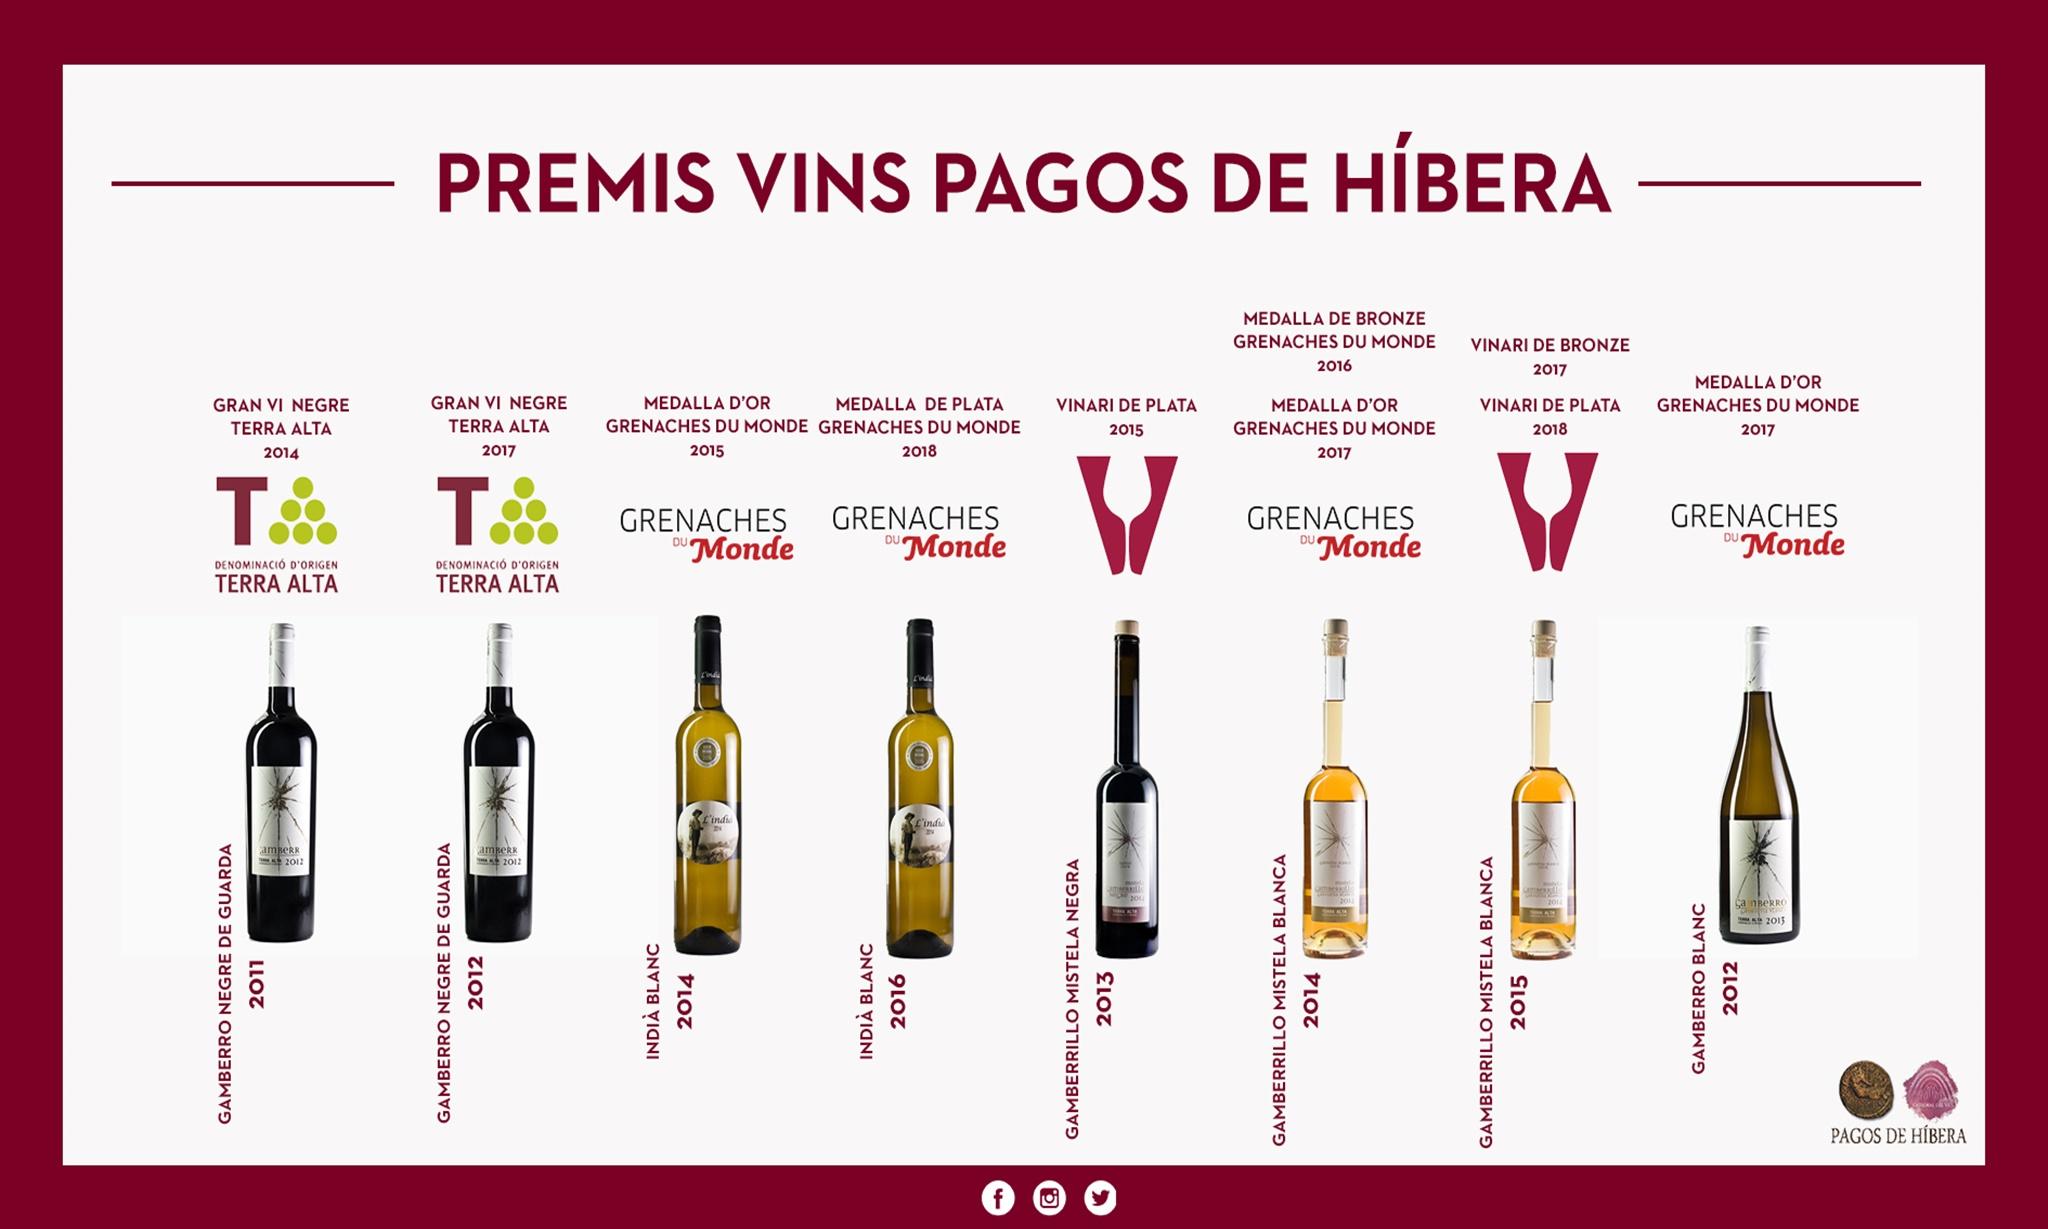 premios vinos pagos de hibera 2018 catedral del vi